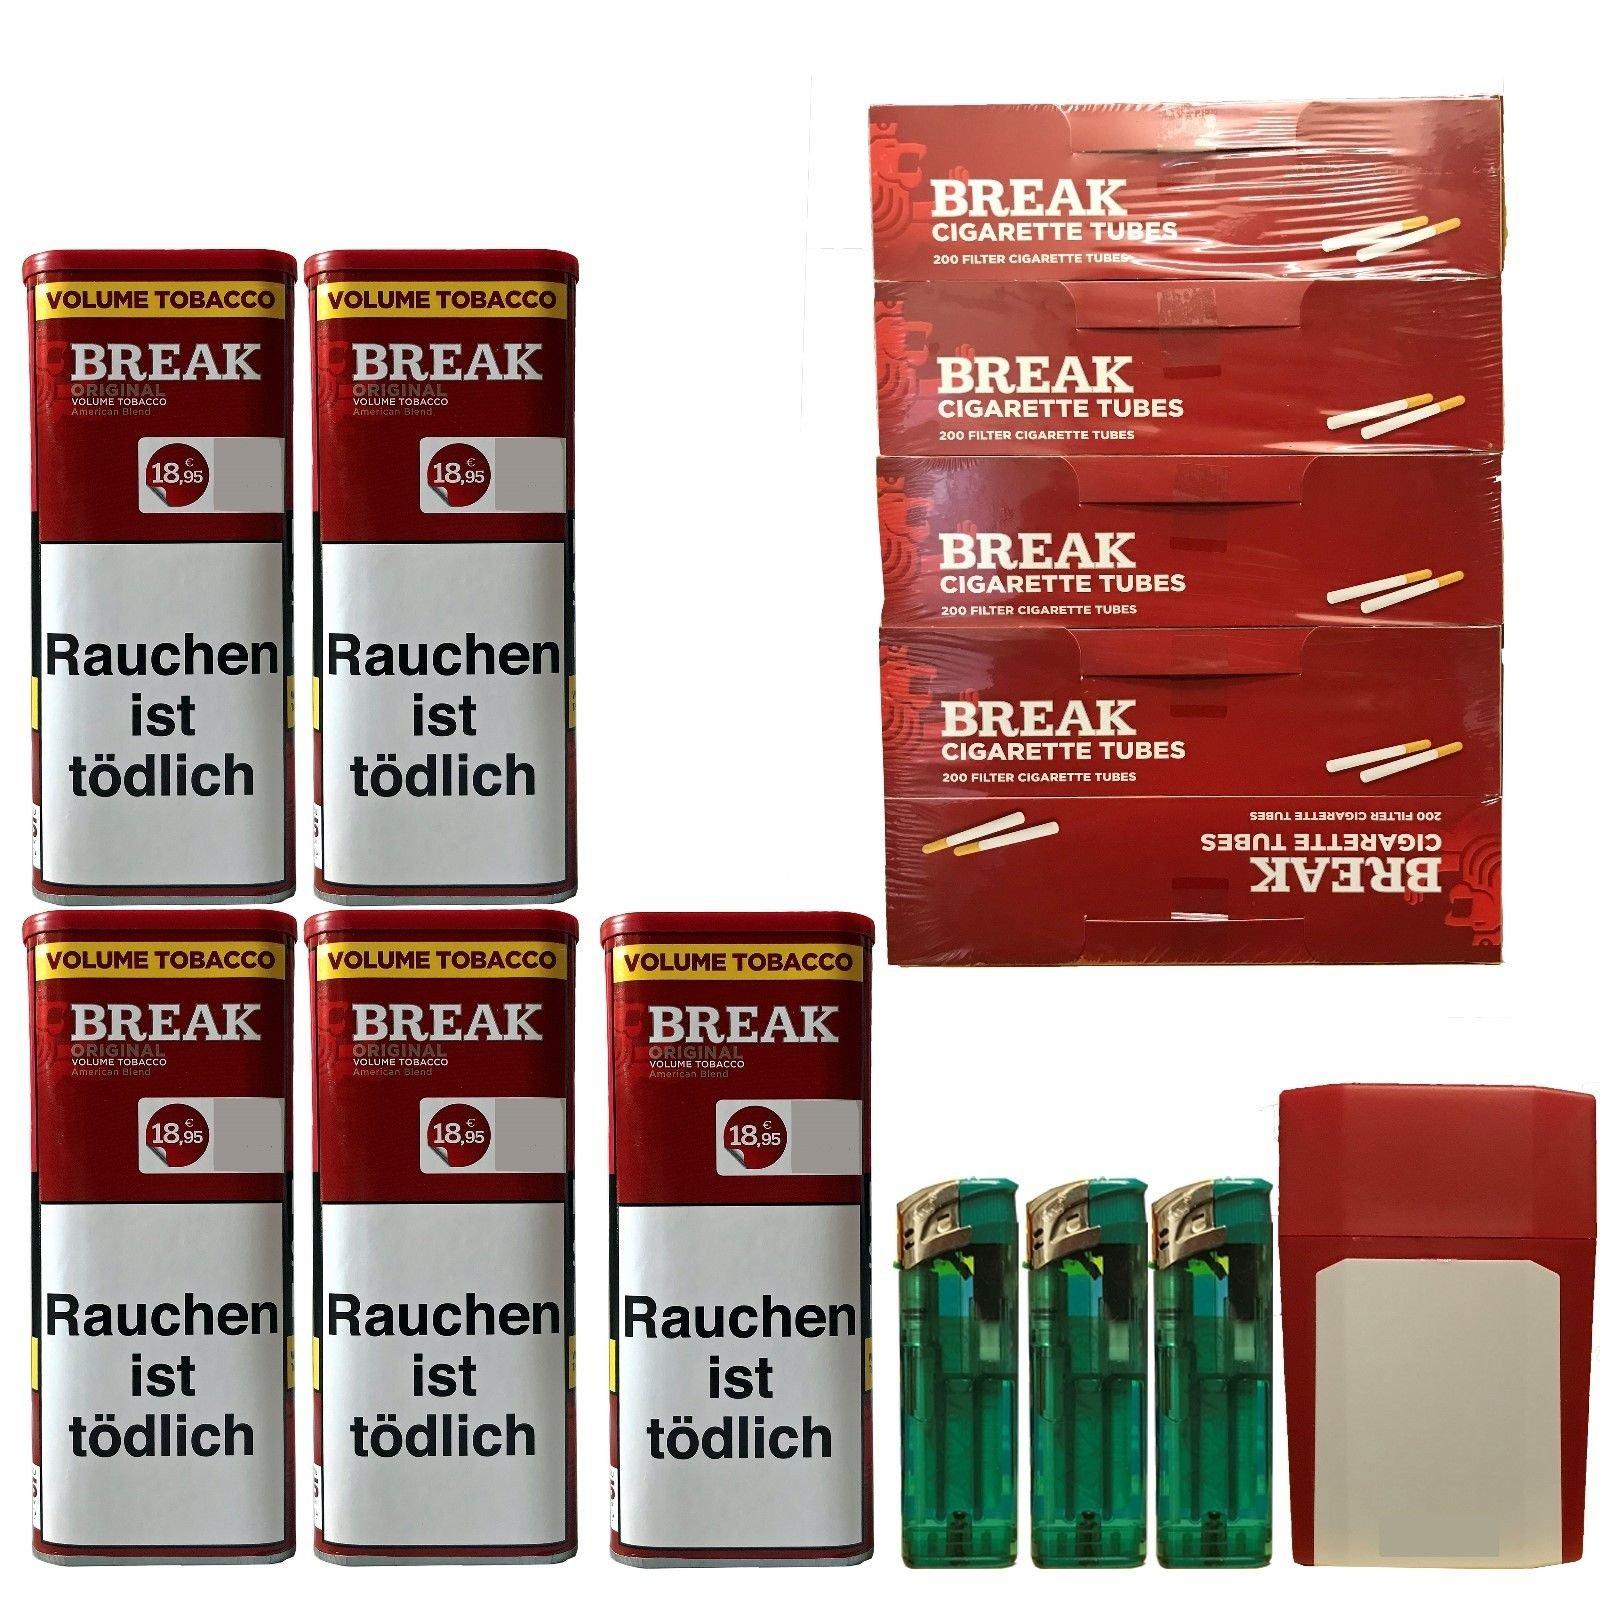 5x Break Original XXL Tabak 120g Dosen Volumentabak, Hülsen, Feuerz., Box